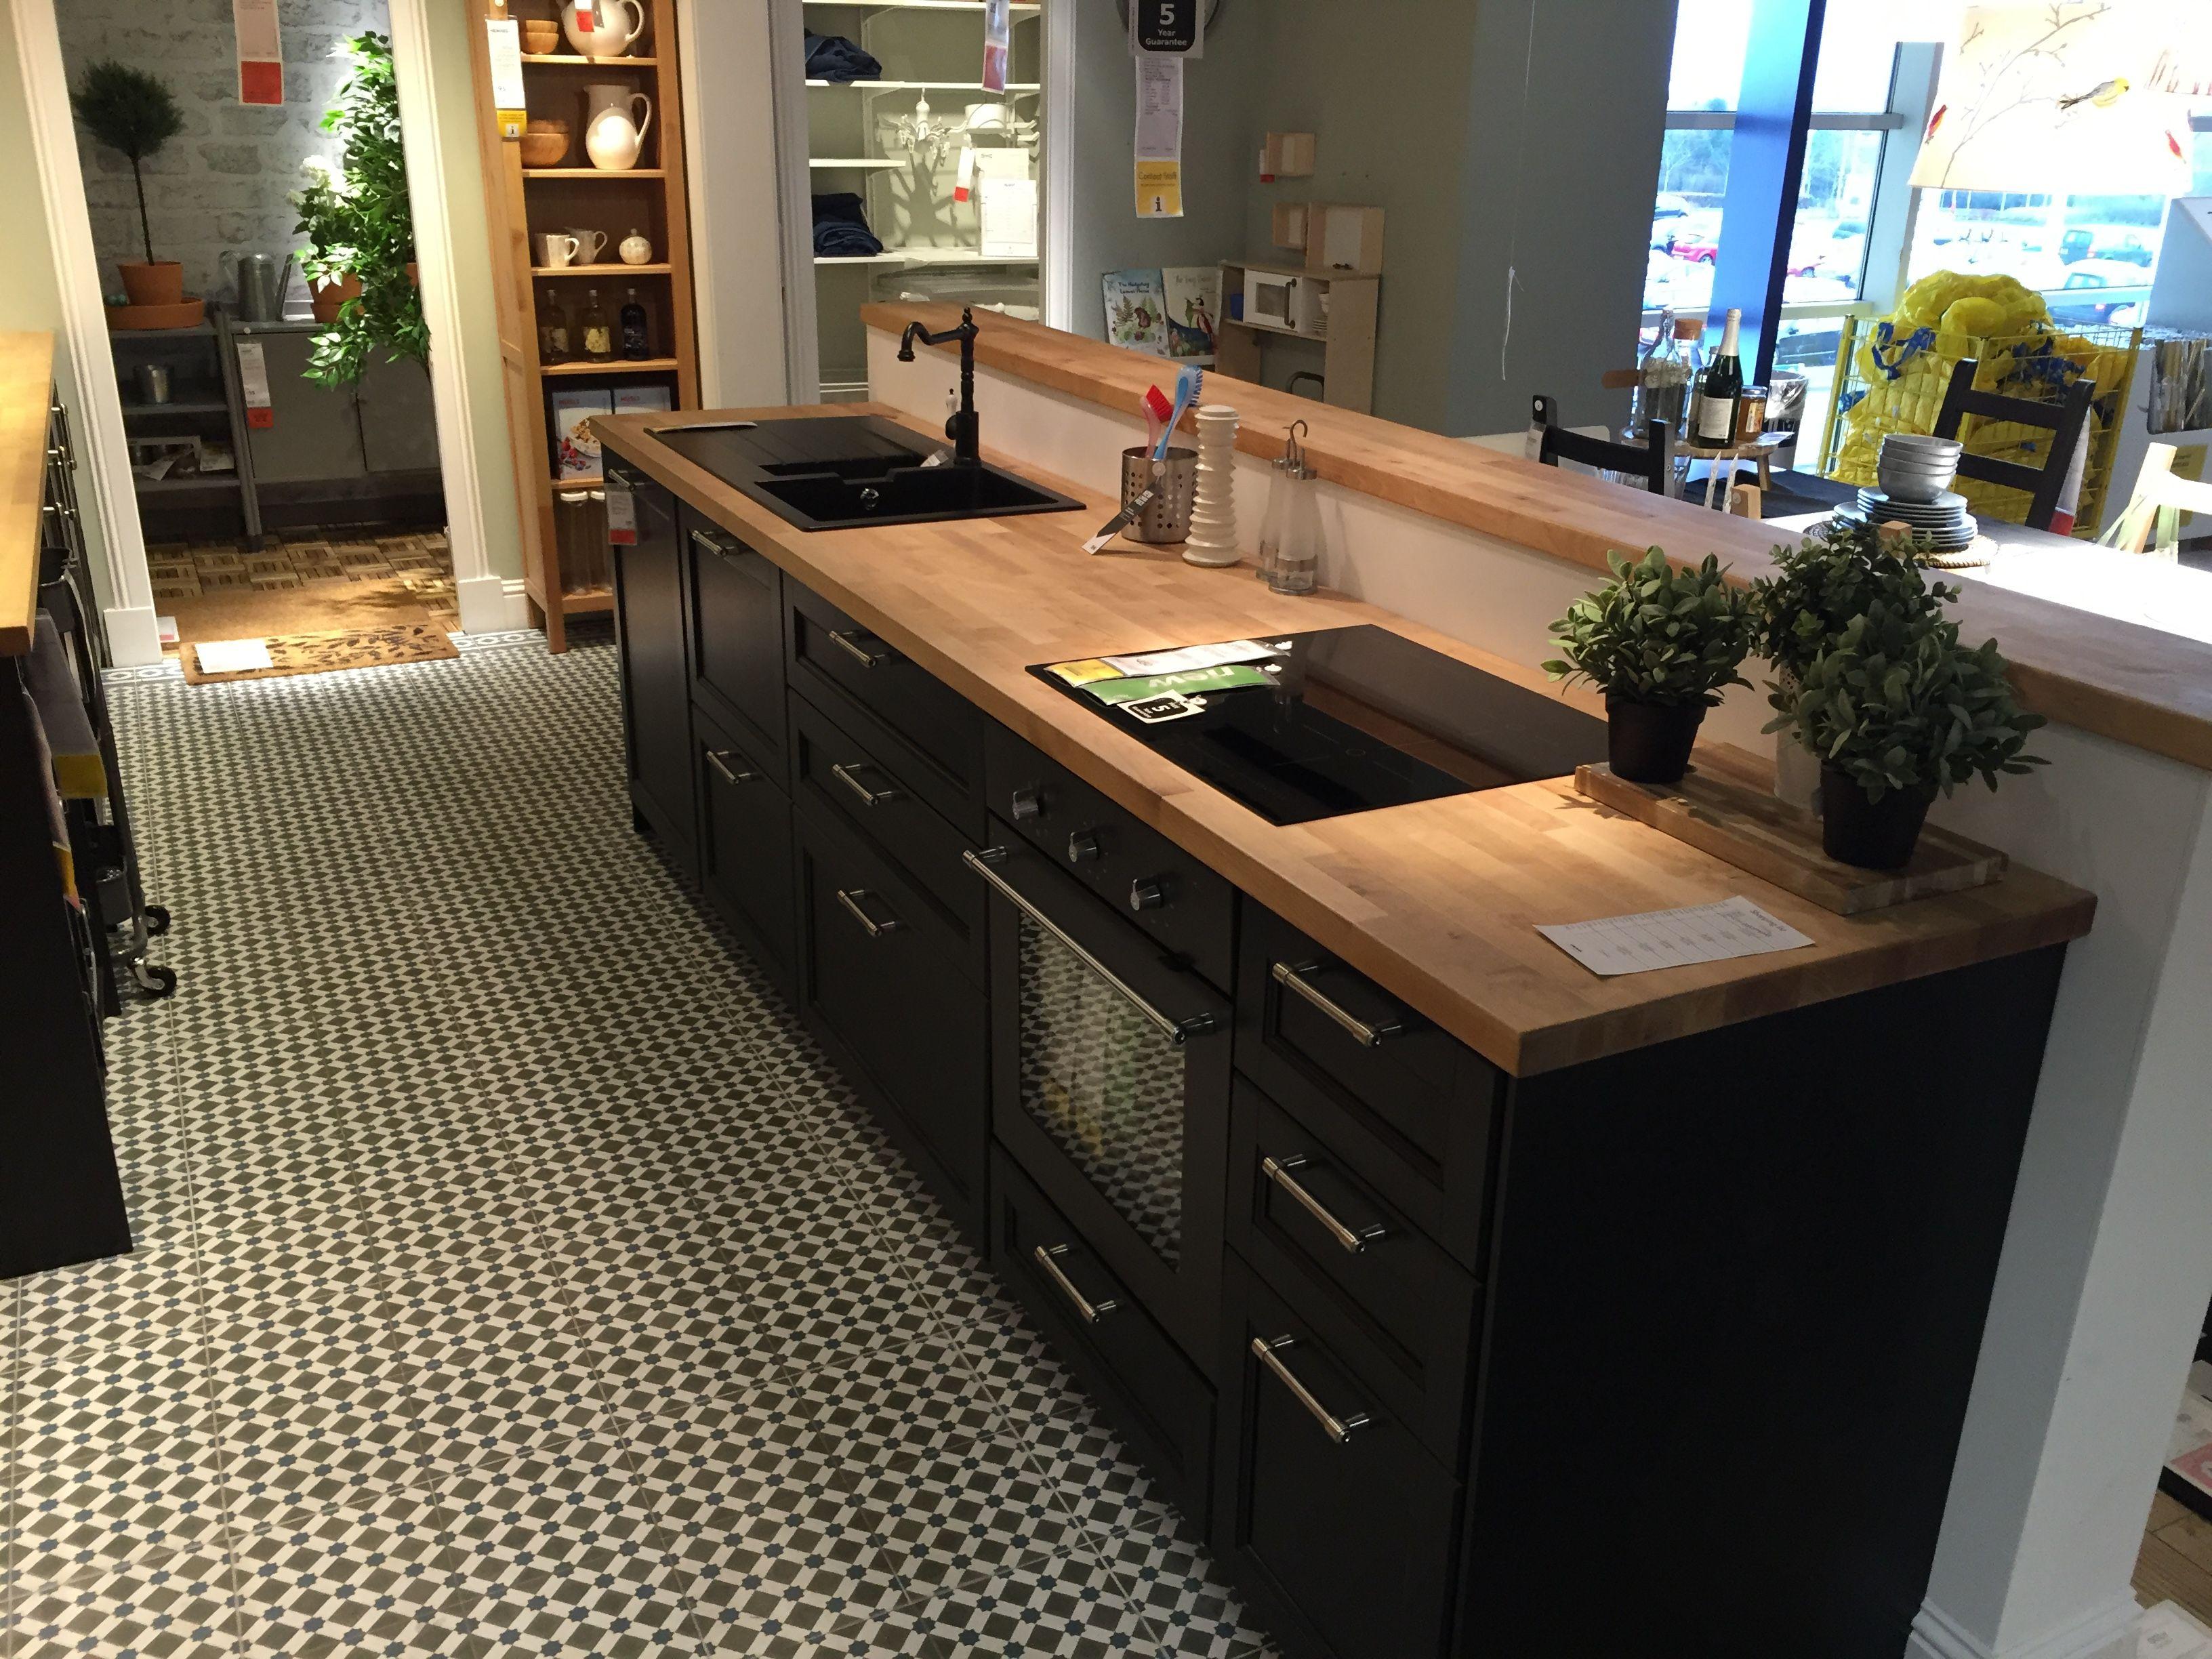 Ikea tingsryd küche ljust och lätt ikea